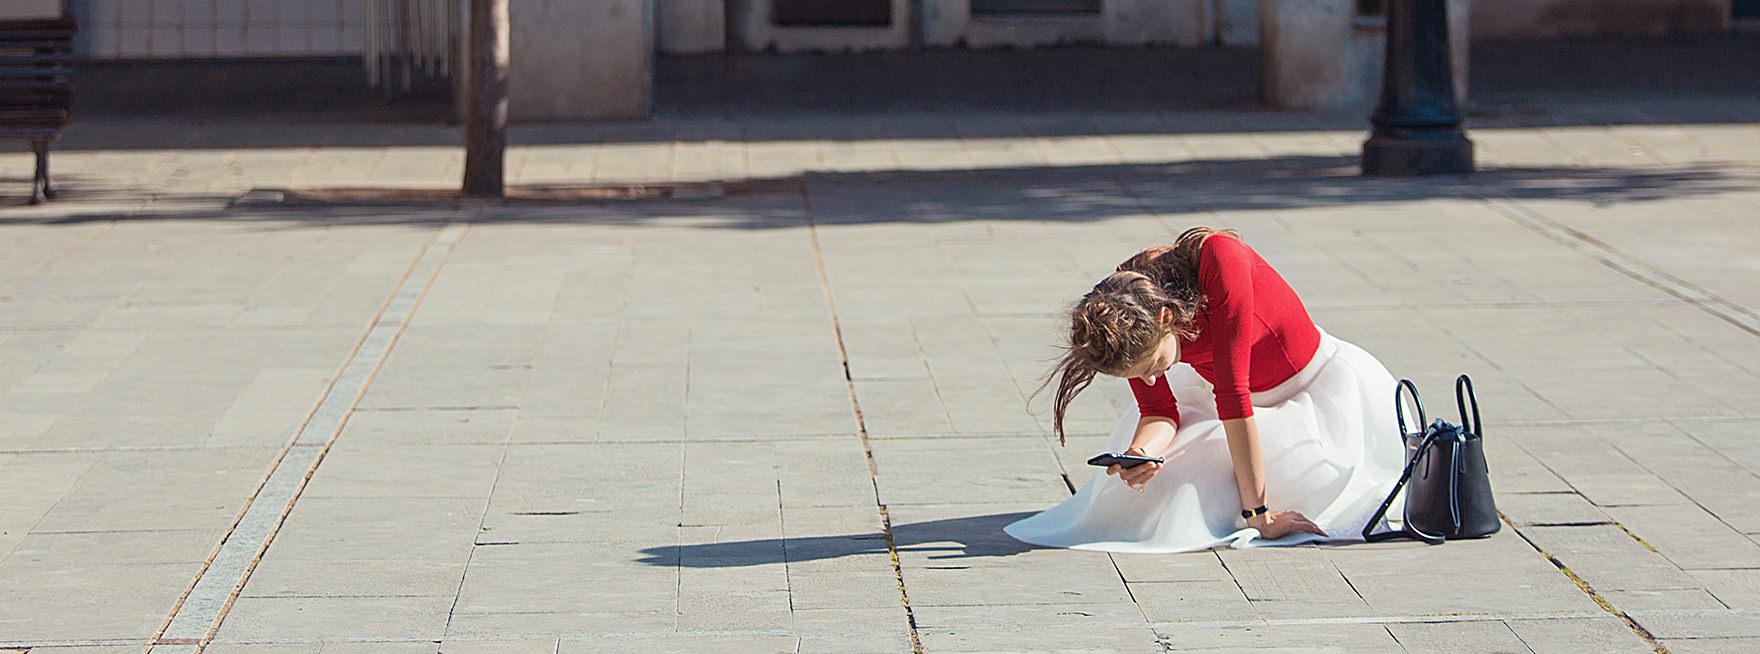 Ce monde parle ballet